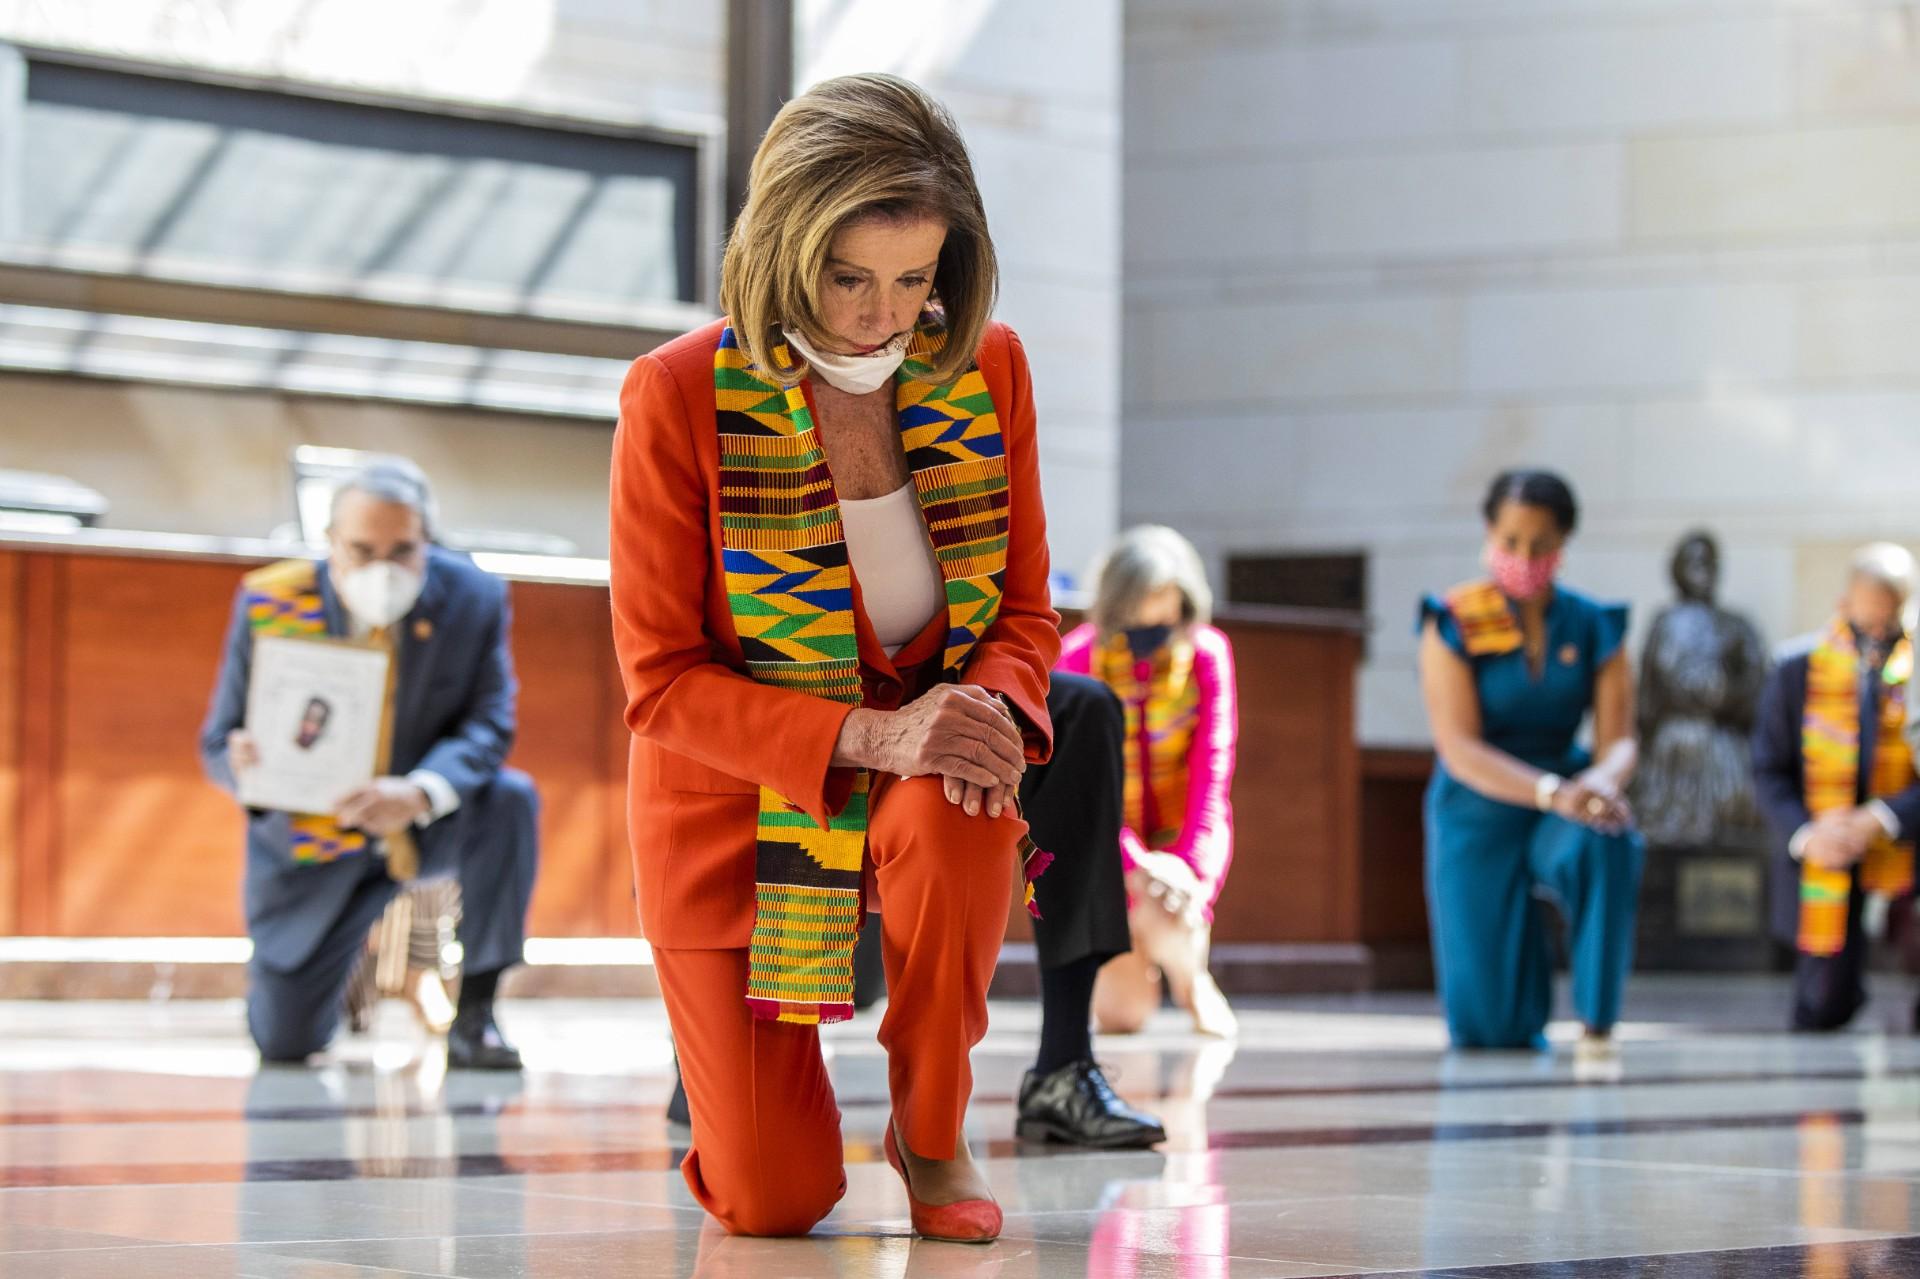 Nancy Pelosi, la cheffe des démocrates au Congrès américain, ploie le genou en hommage à George FLoyd, Washington, 8 juin 2020. © Manuel Balce Ceneta/AP/SIPA